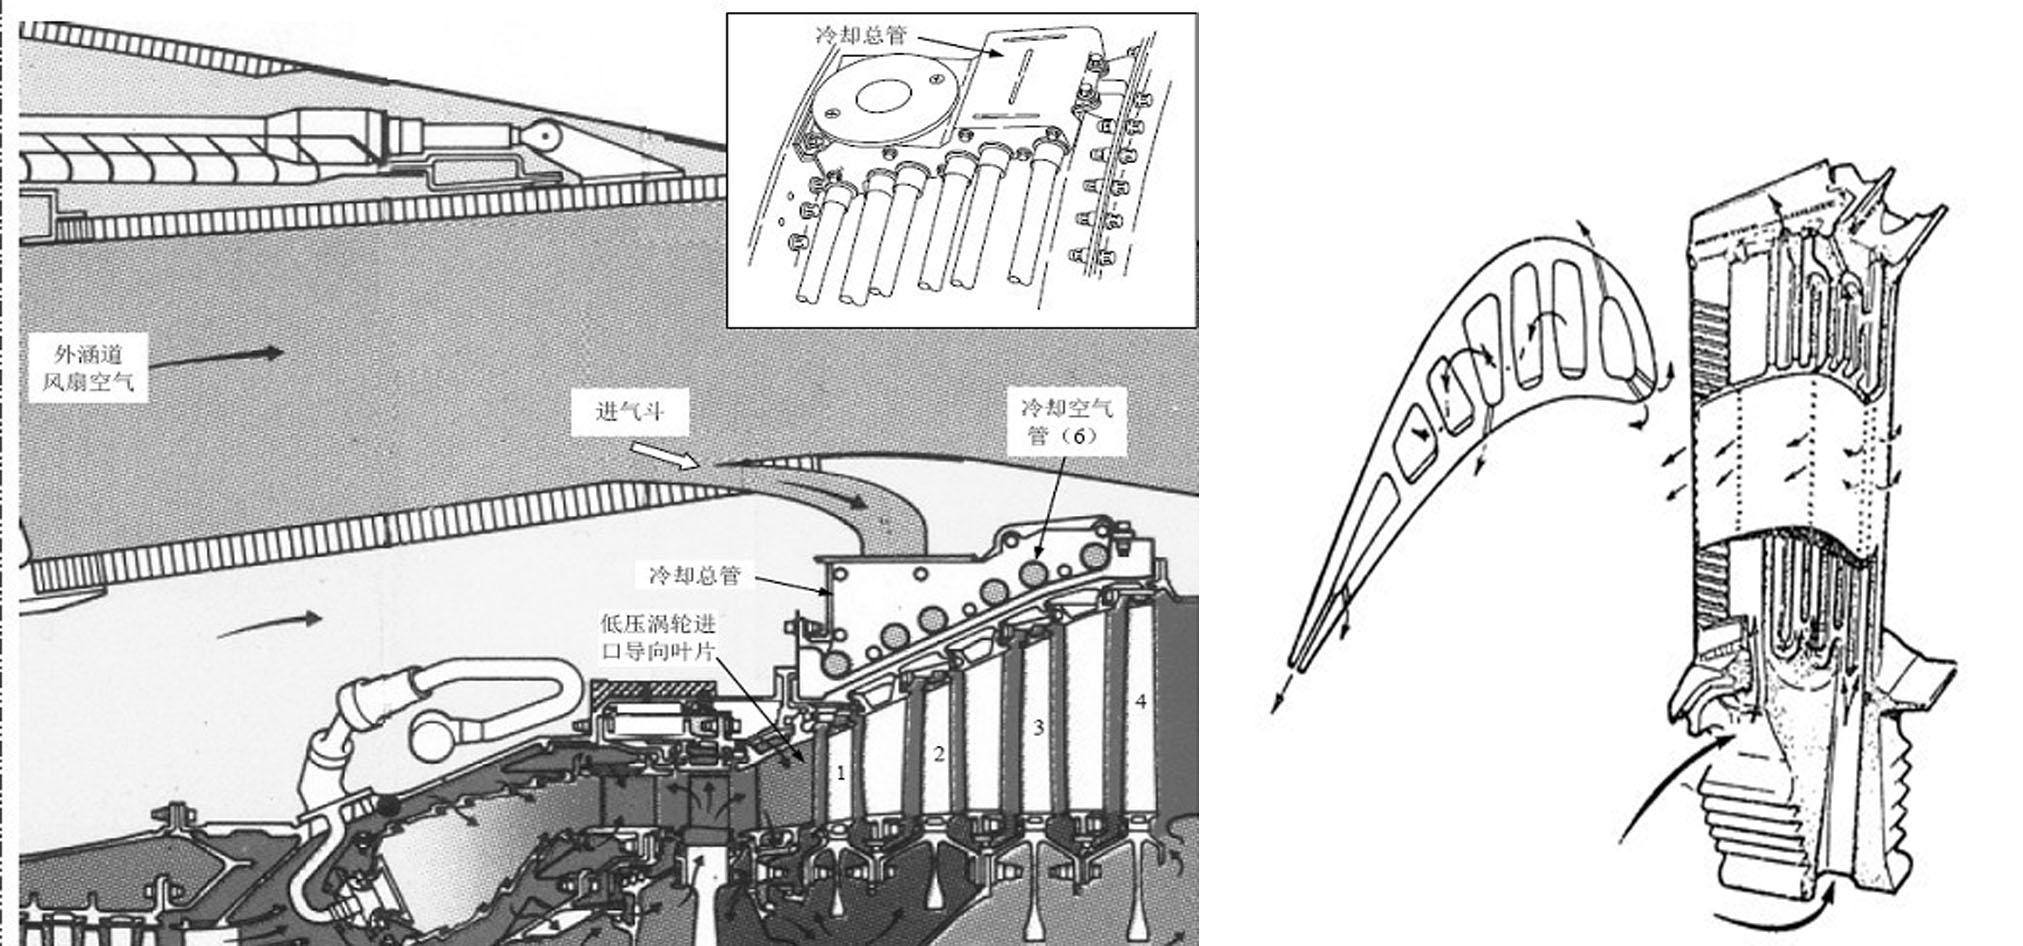 航空发动机涡轮叶片冷却通道结构是什么样的,我只知道